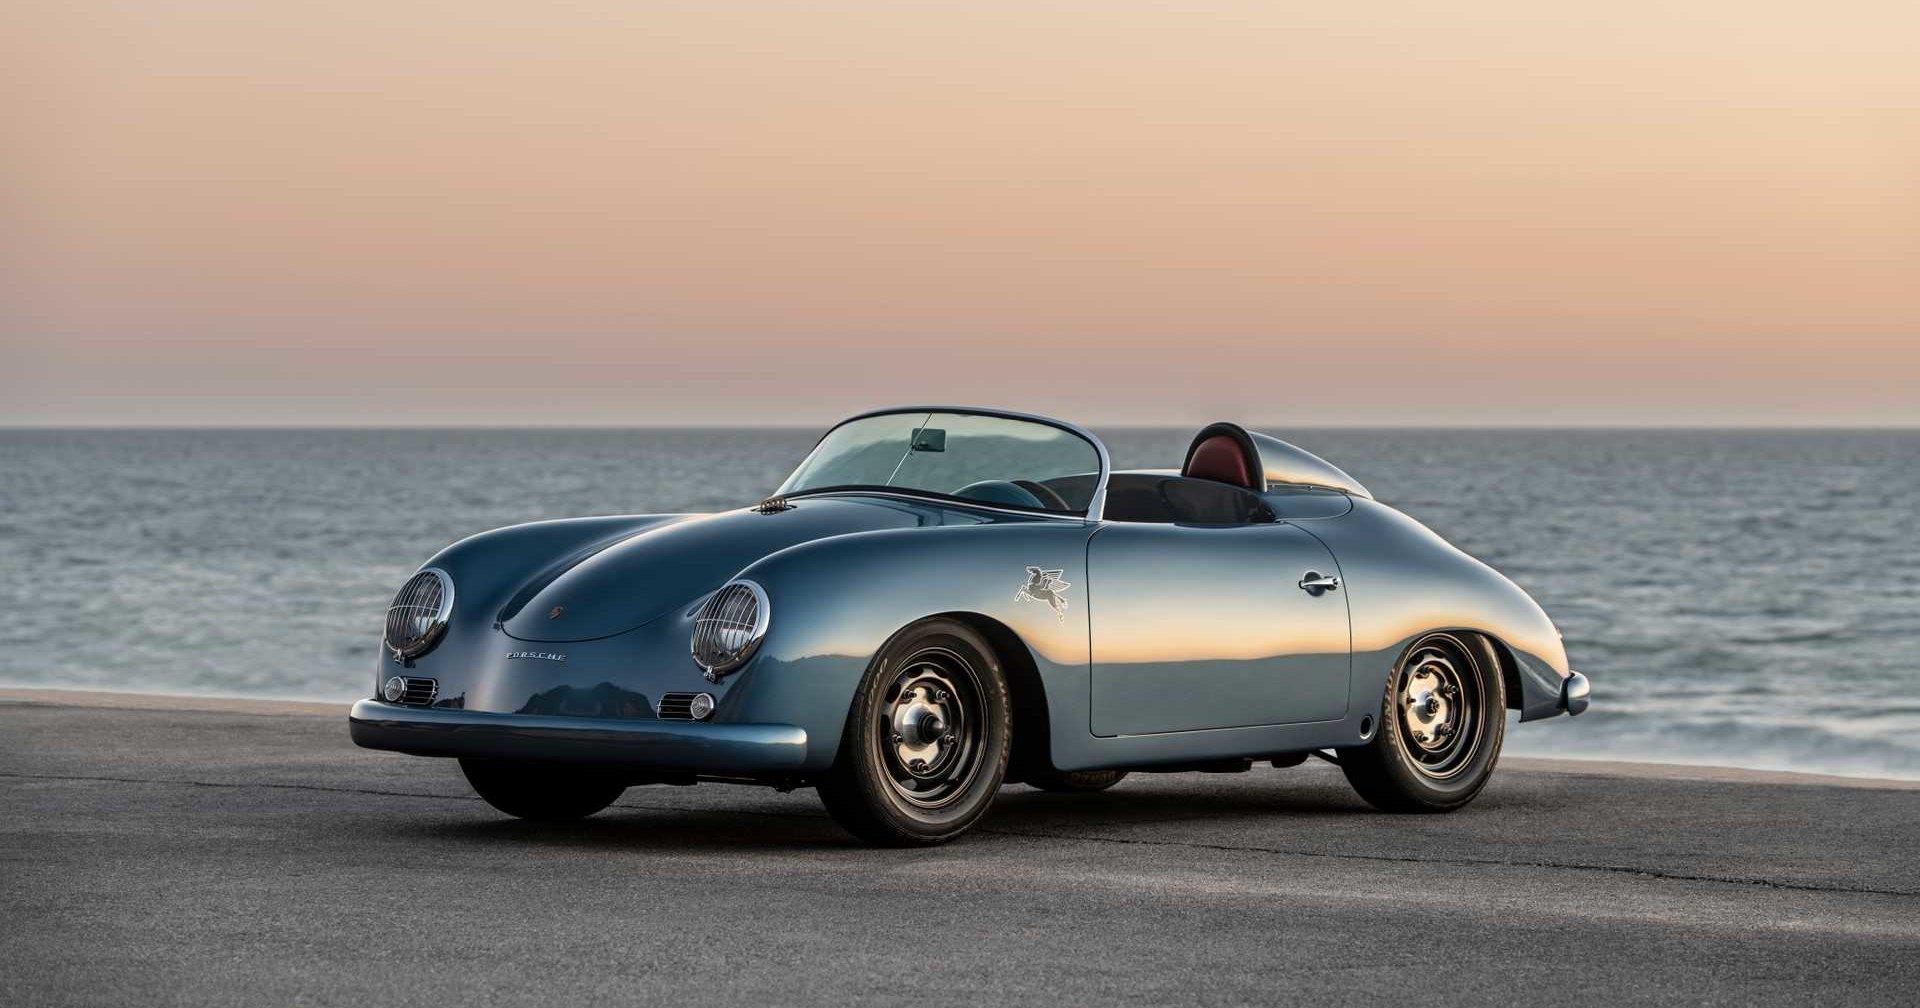 Ателье создало необычный рестомод Porsche 356 Speedster